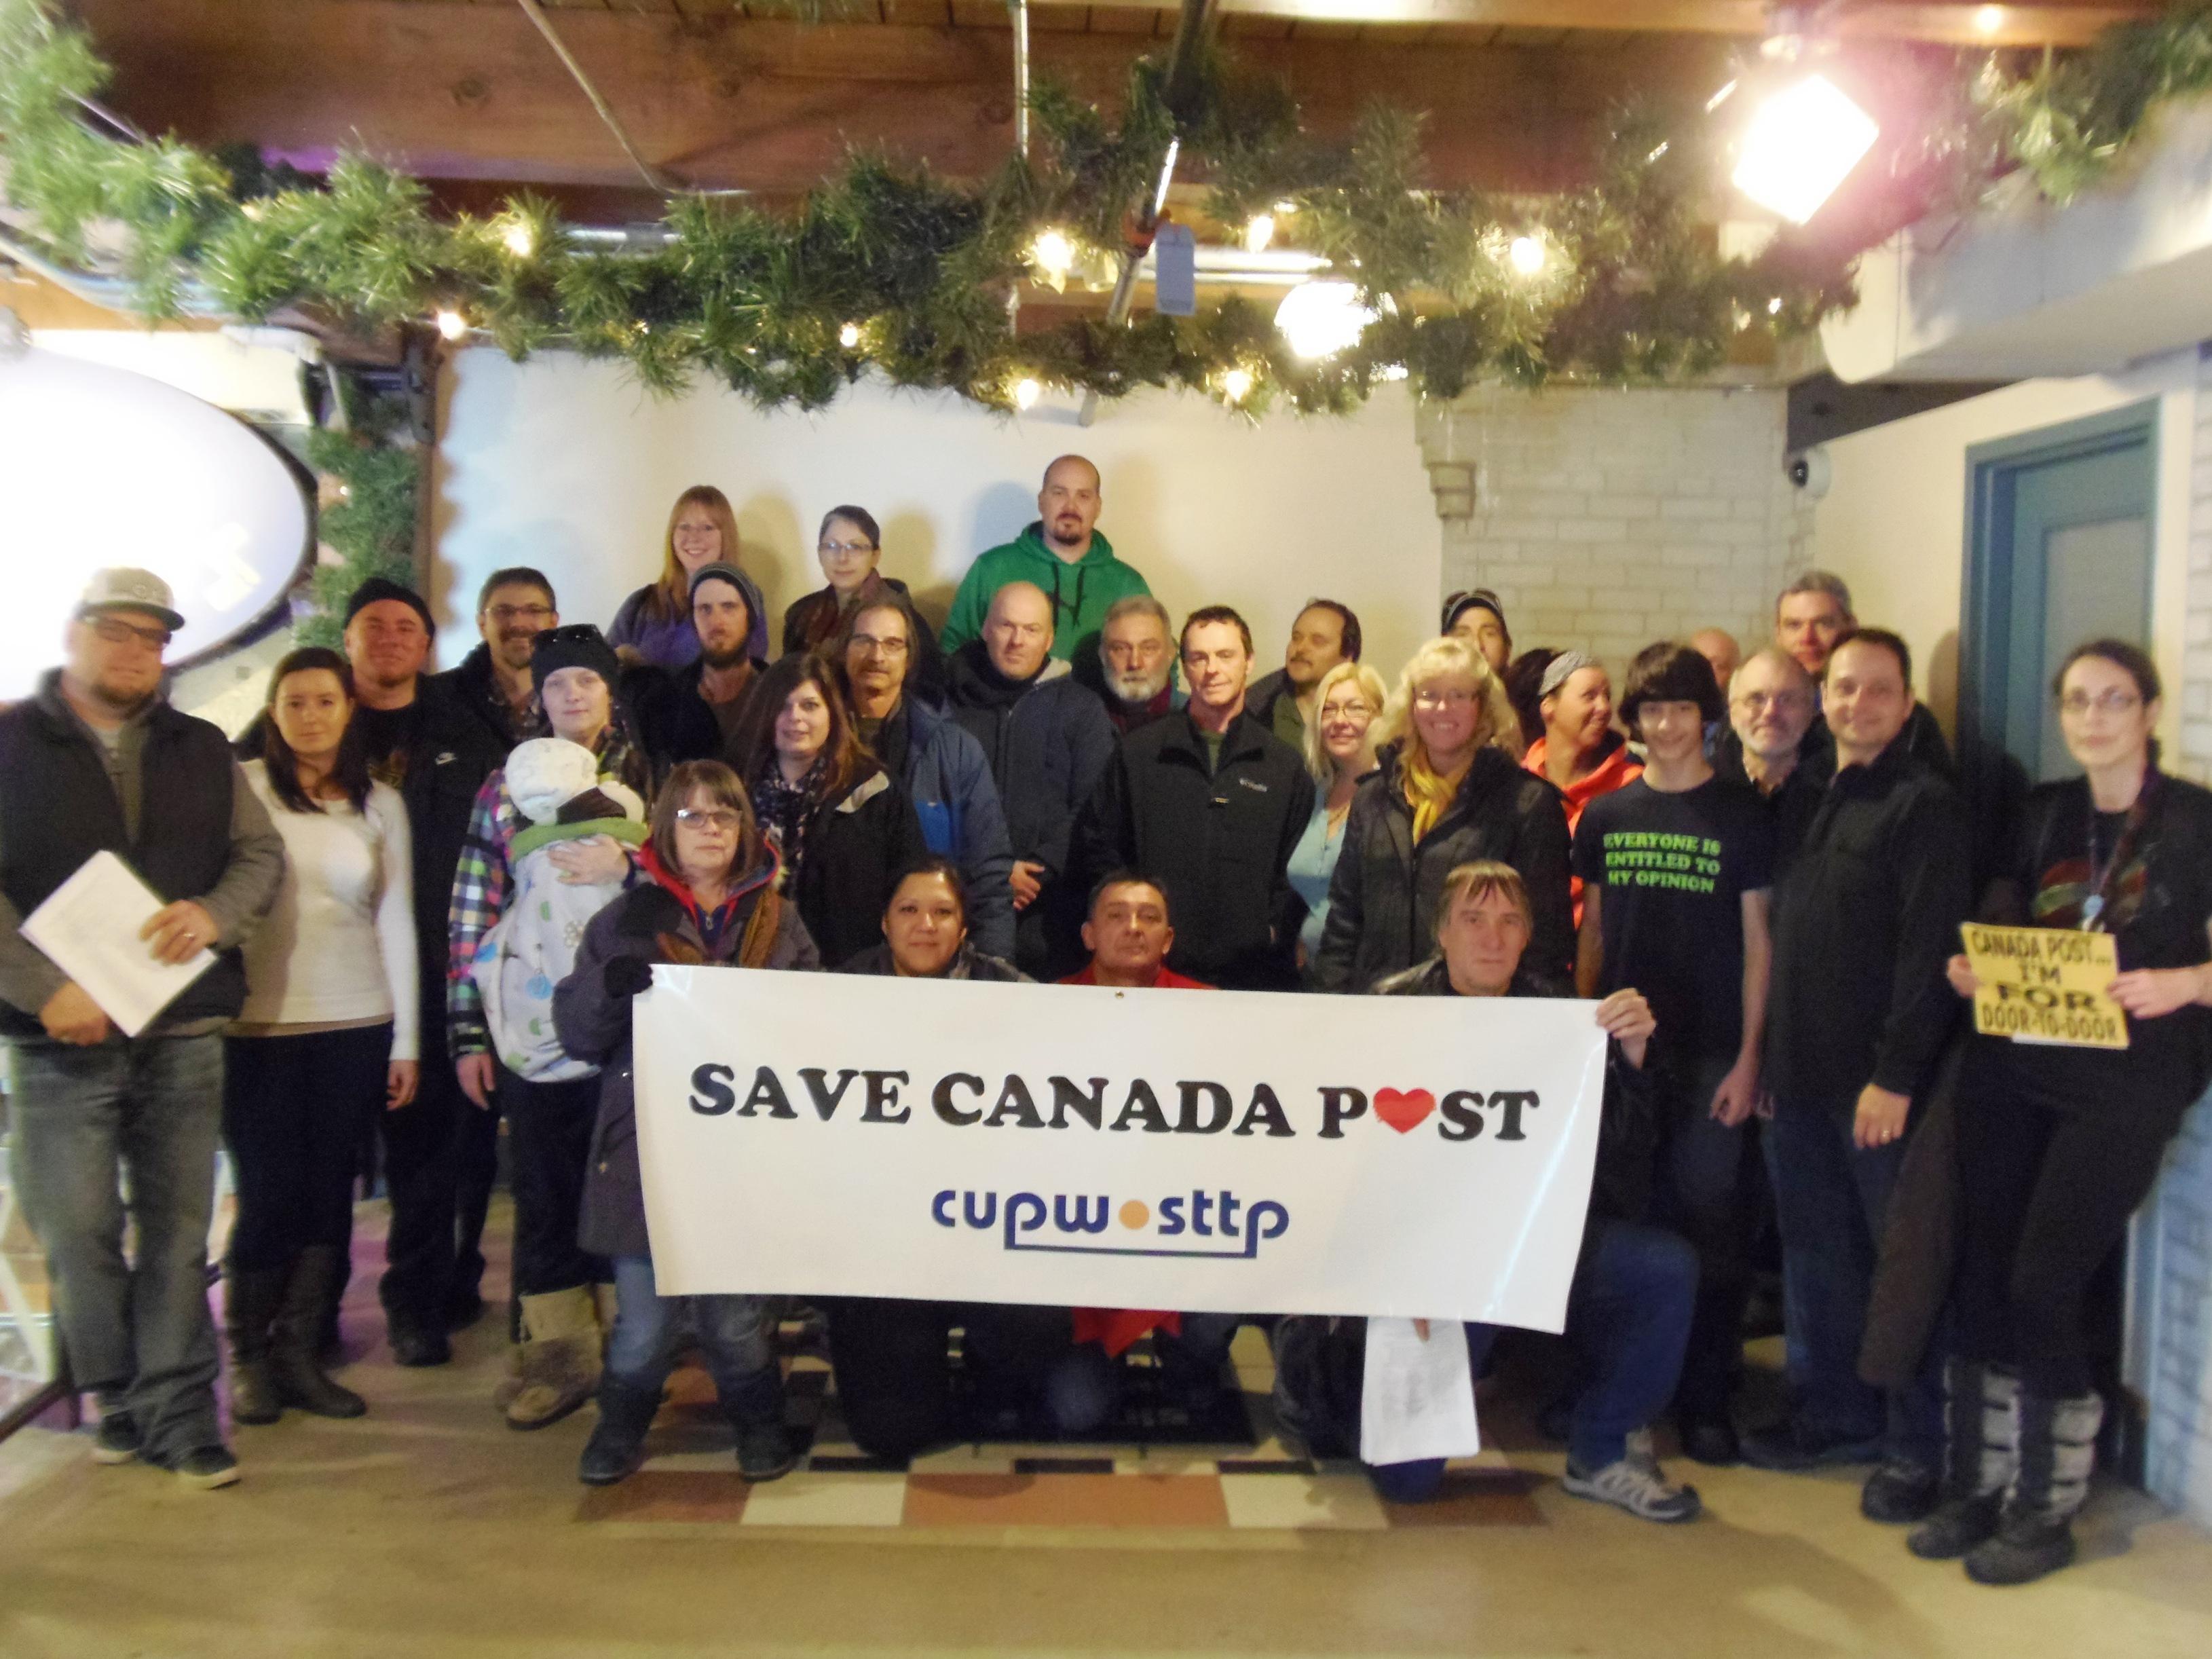 Jan 11/13 at The Forks Winnipeg Action